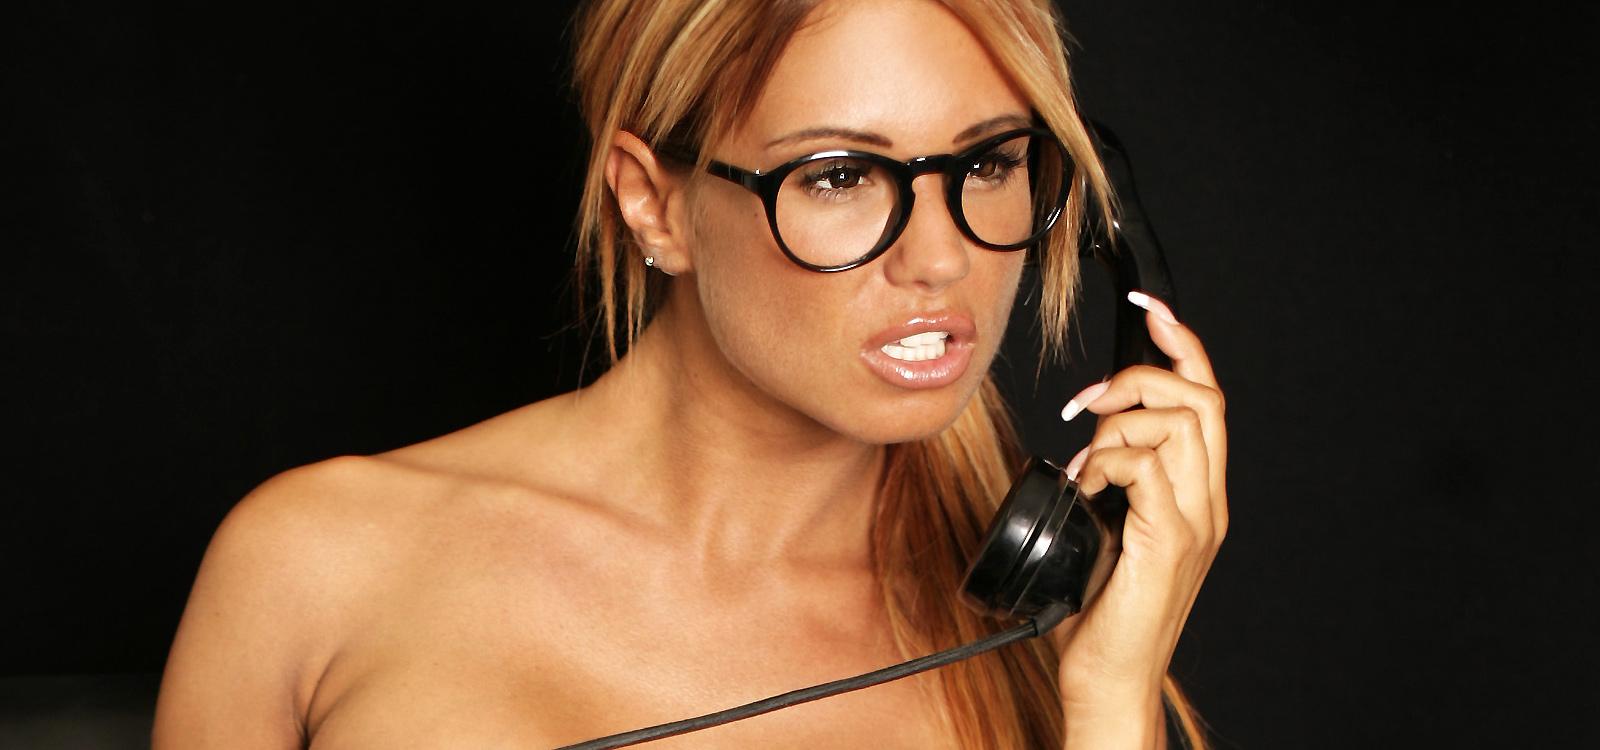 <div class='slider_caption'> <h1>Schweizer Hotline für Telefonerziehung durch erfahrene Herrinnen.</h1> <a class='slider-readmore' href='http://www.domina-telefonsex.ch/telefonerziehung/'>Weiterlesen</a> </div>